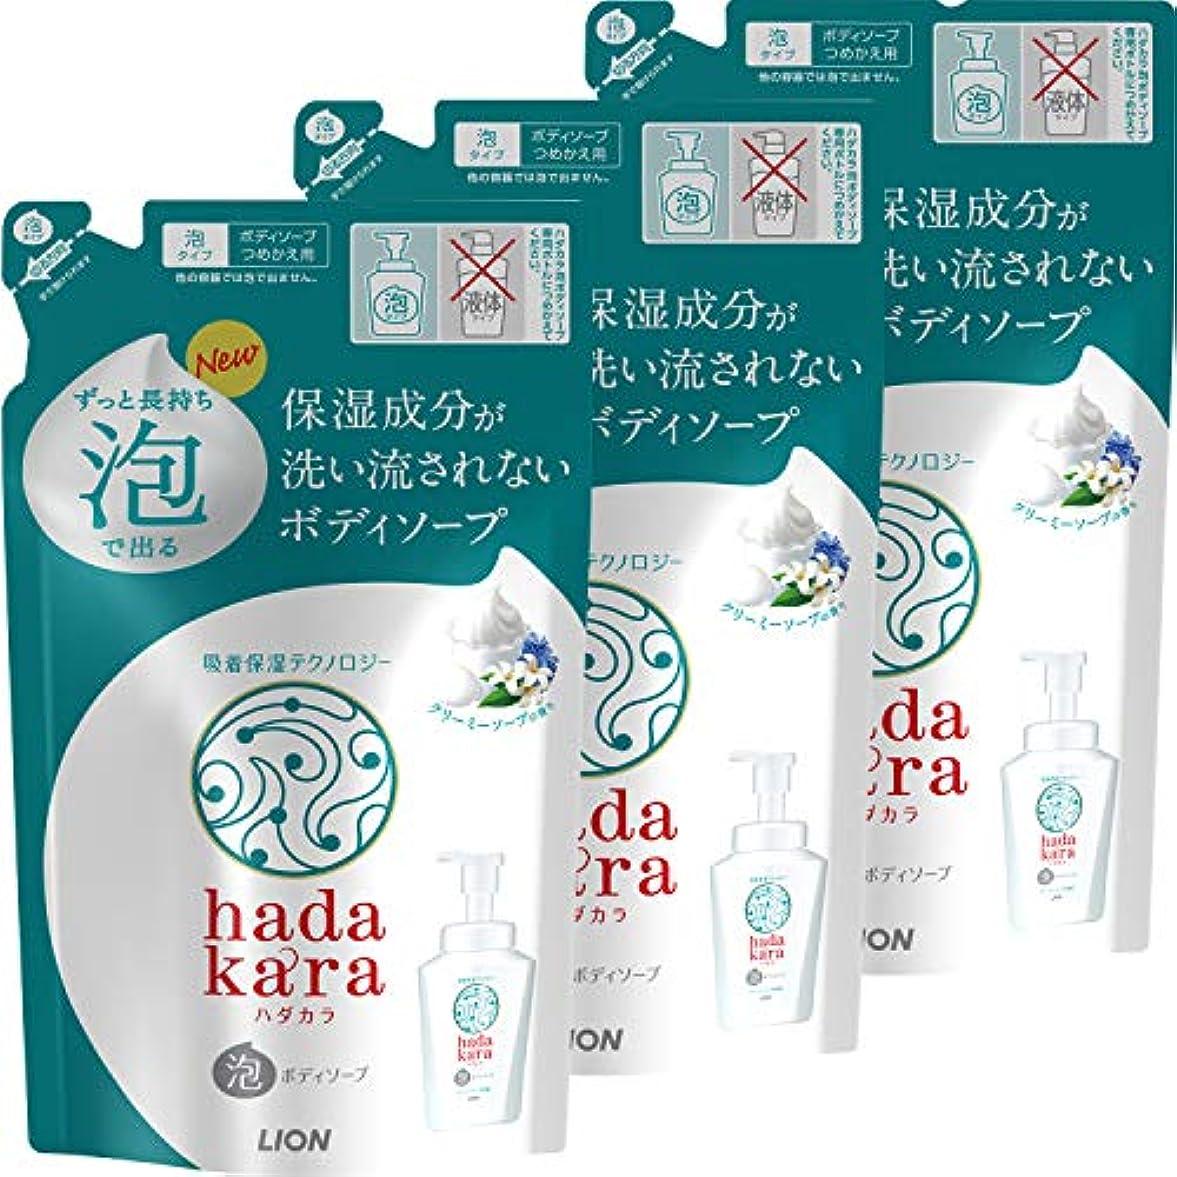 くるくる累積干渉するhadakara(ハダカラ) ボディソープ 泡タイプ クリーミーソープの香り 詰替440ml×3個